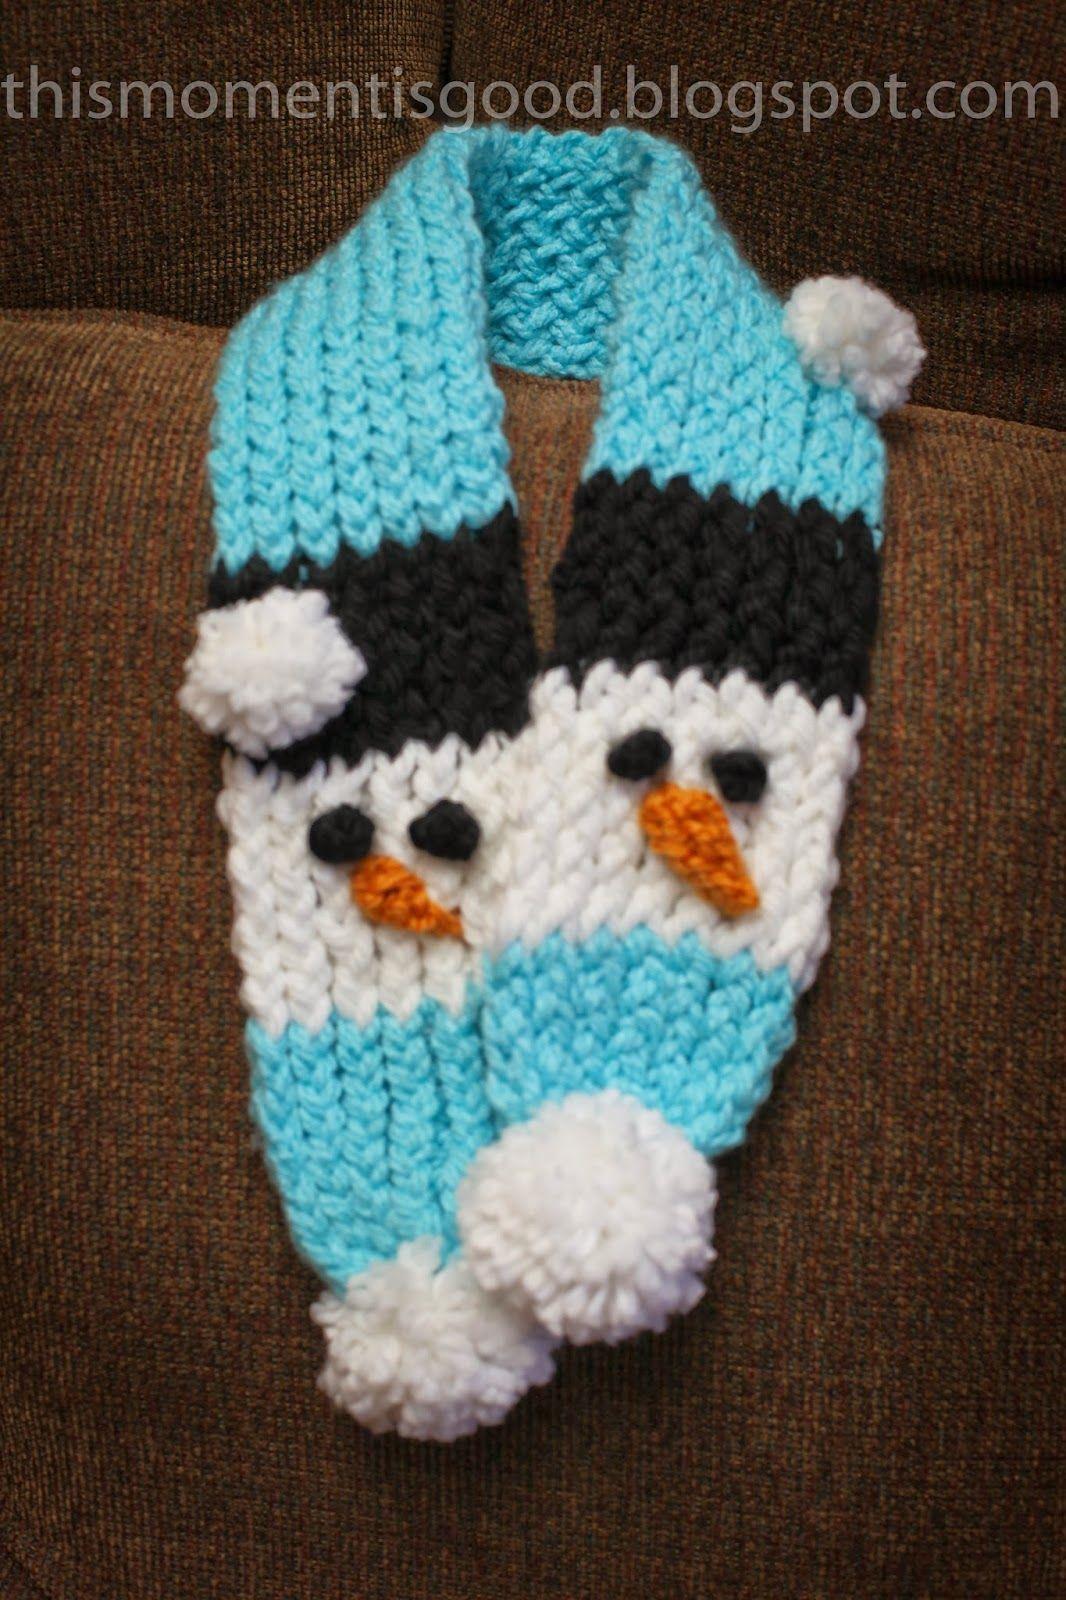 LOOM KNIT: SNOWMAN SCARF | Snowman hat, Snowman and Loom knitting